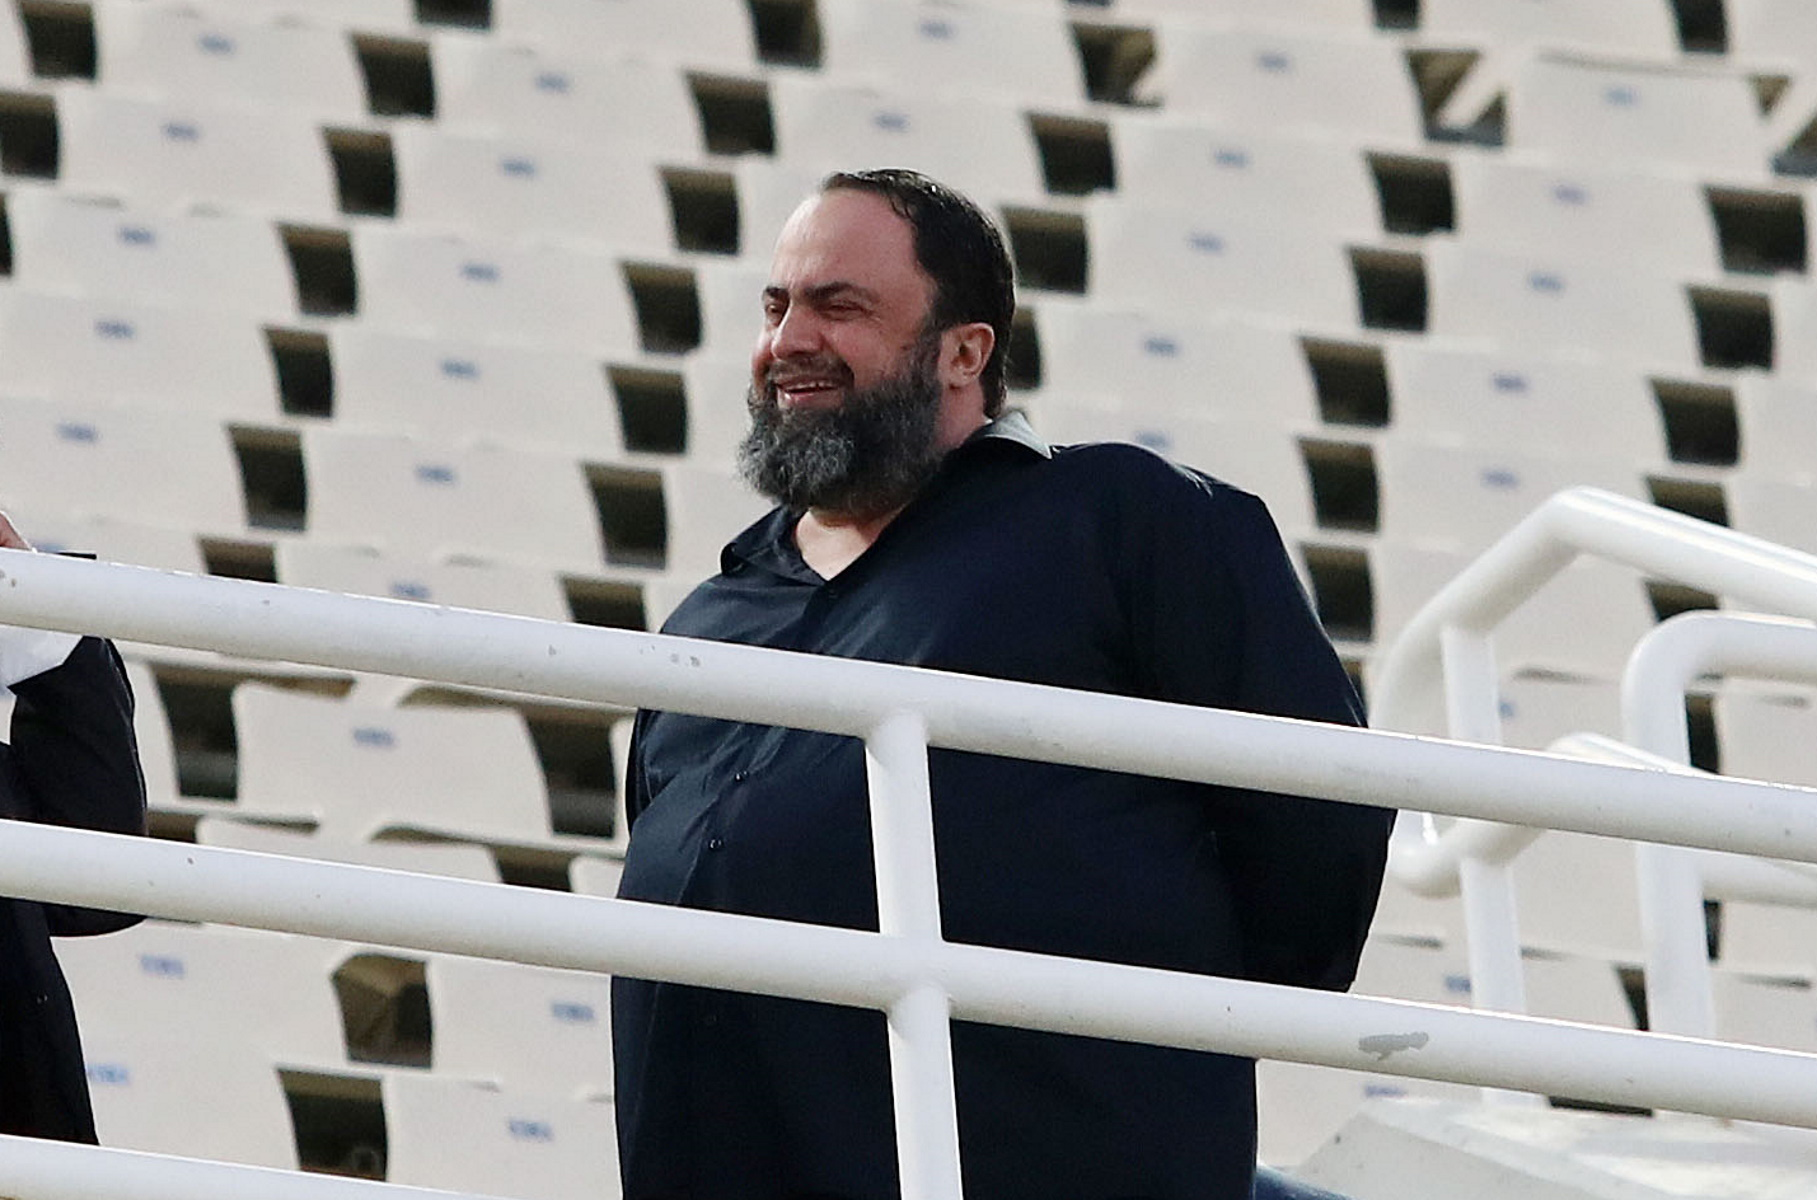 Βαγγέλης Μαρινάκης: Έδωσε νέο τραγούδι στην Νατάσα Θεοδωρίδου